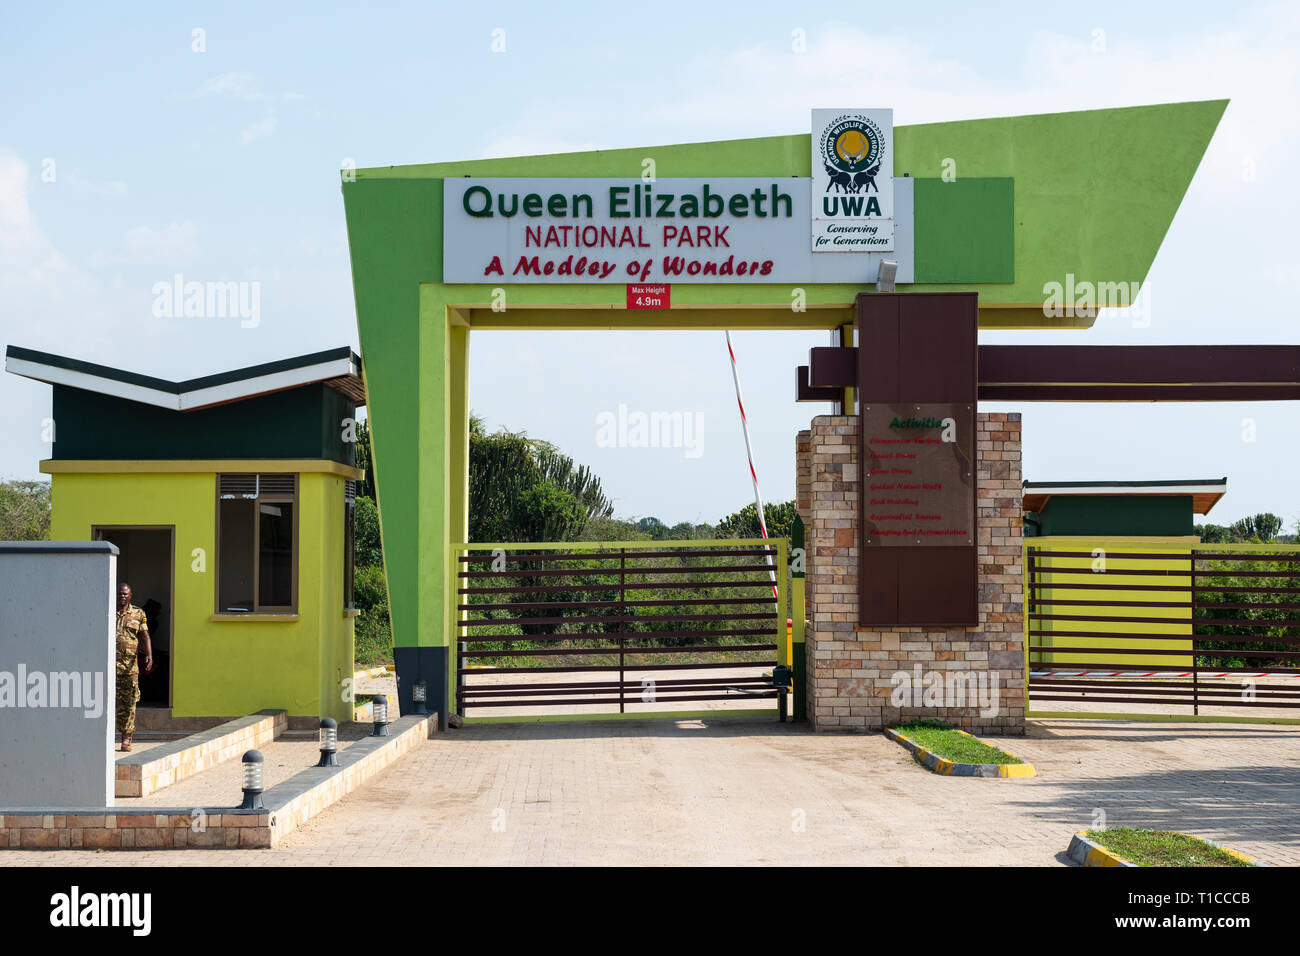 Entrada al Parque Nacional Queen Elizabeth en la península de Mweya en el sudoeste de Uganda, África Oriental Imagen De Stock